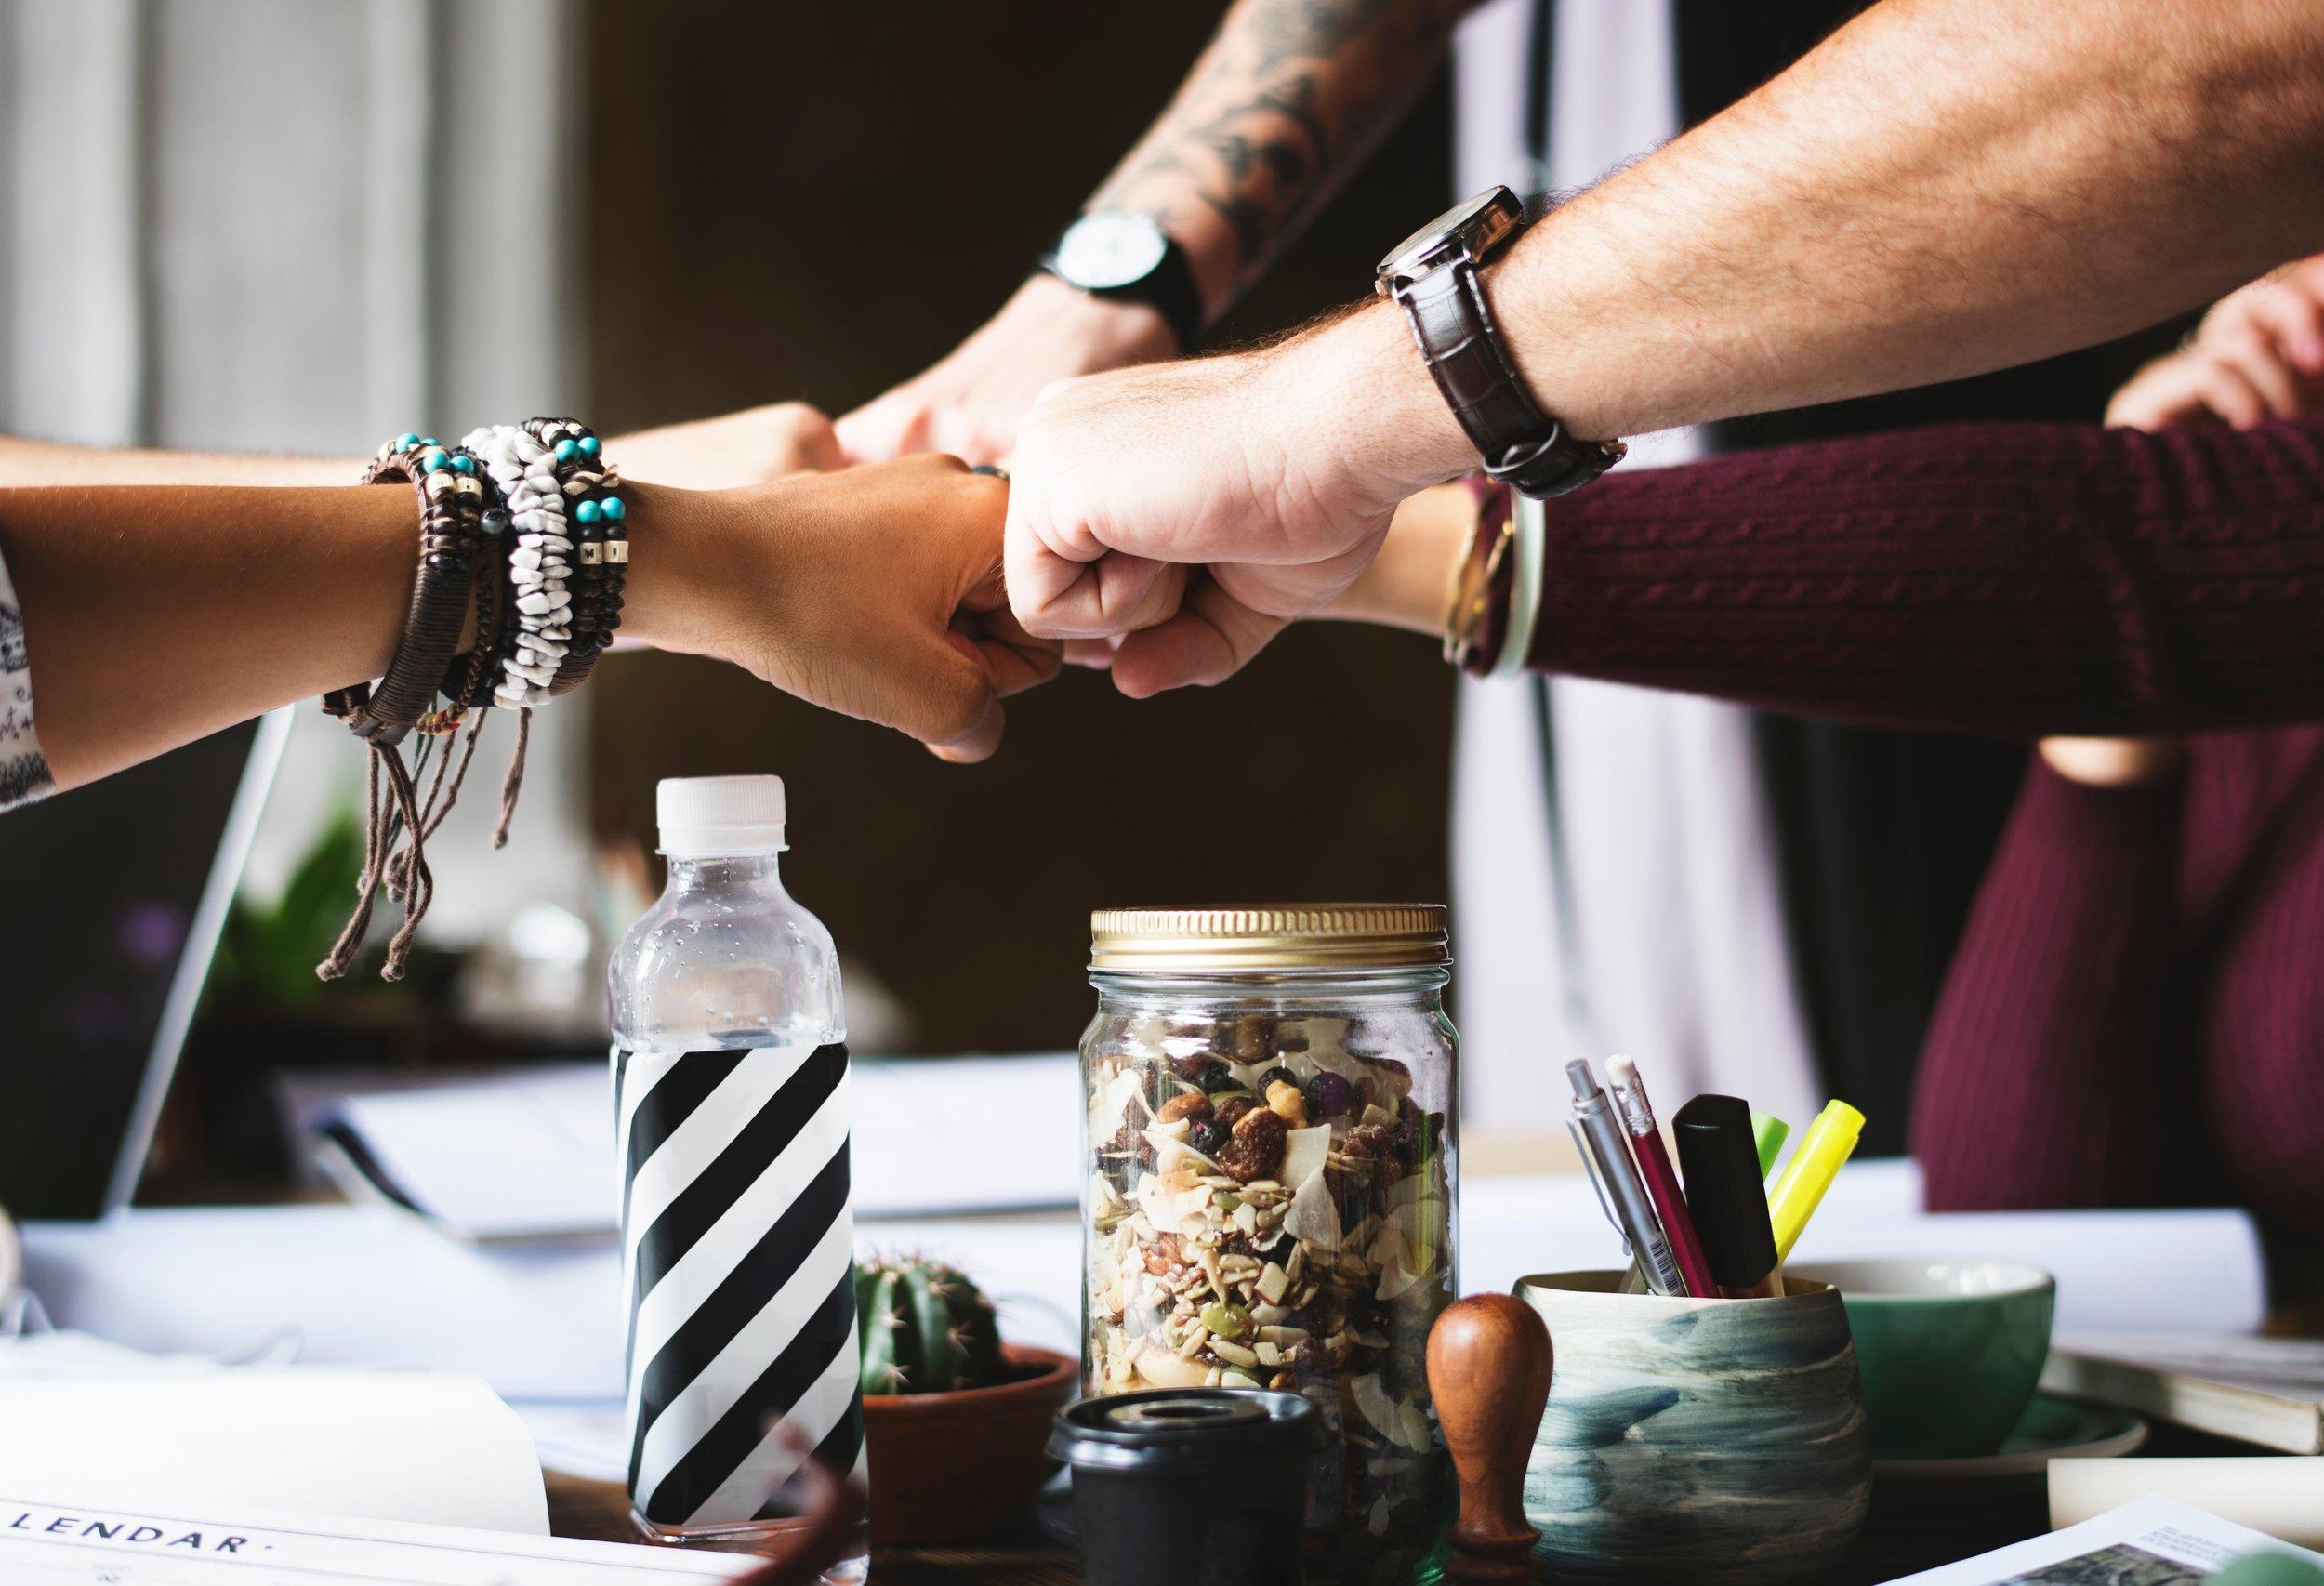 Volunteering helps create a sense of purpose across teams. -